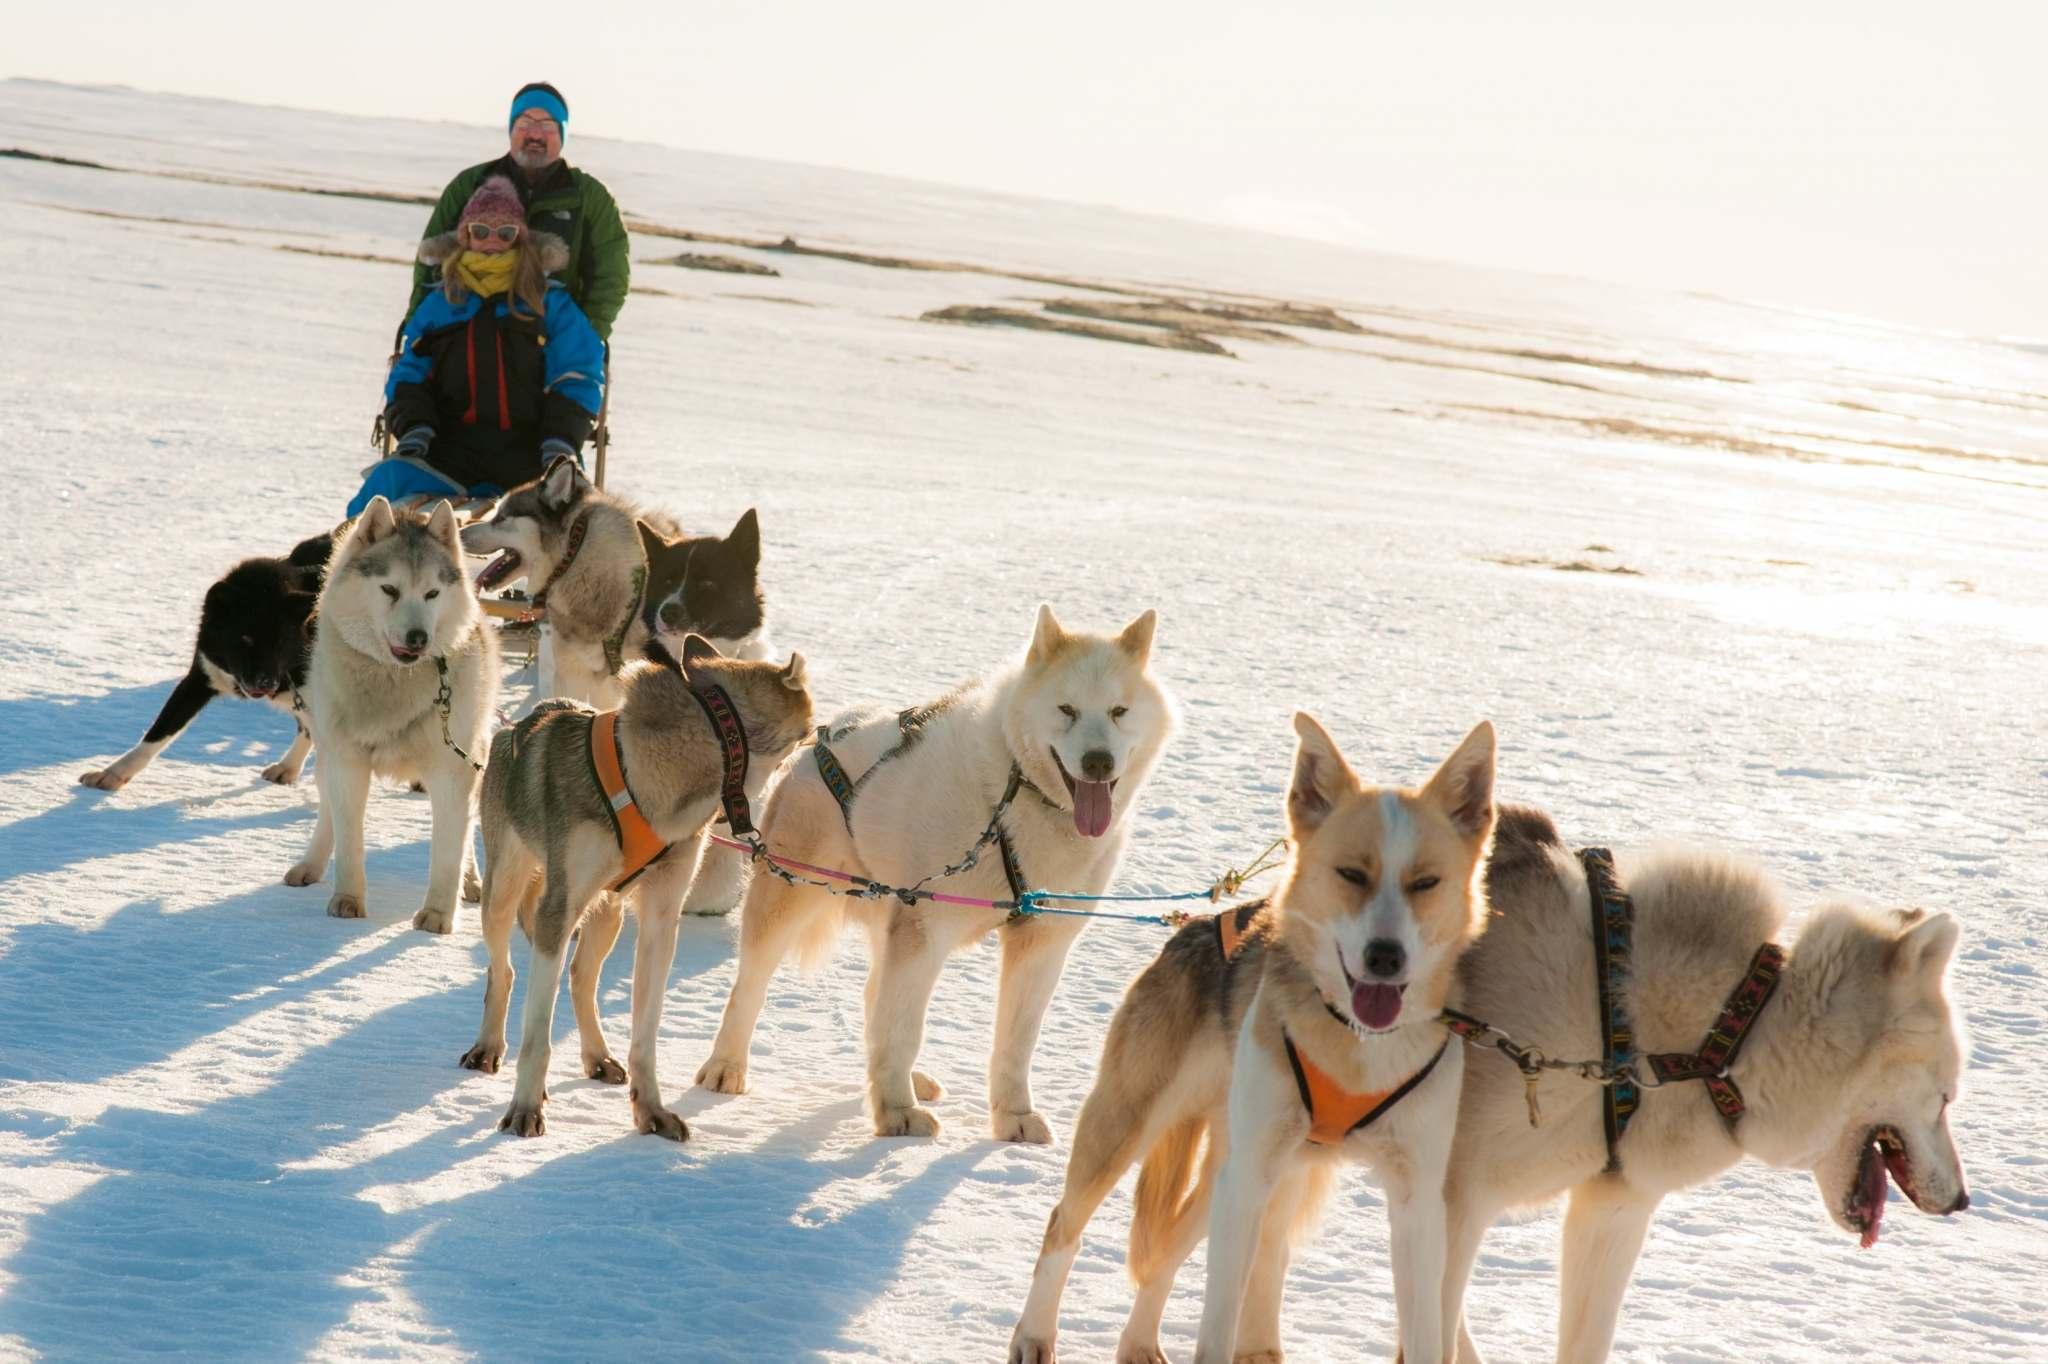 husky sledding from reykjavik